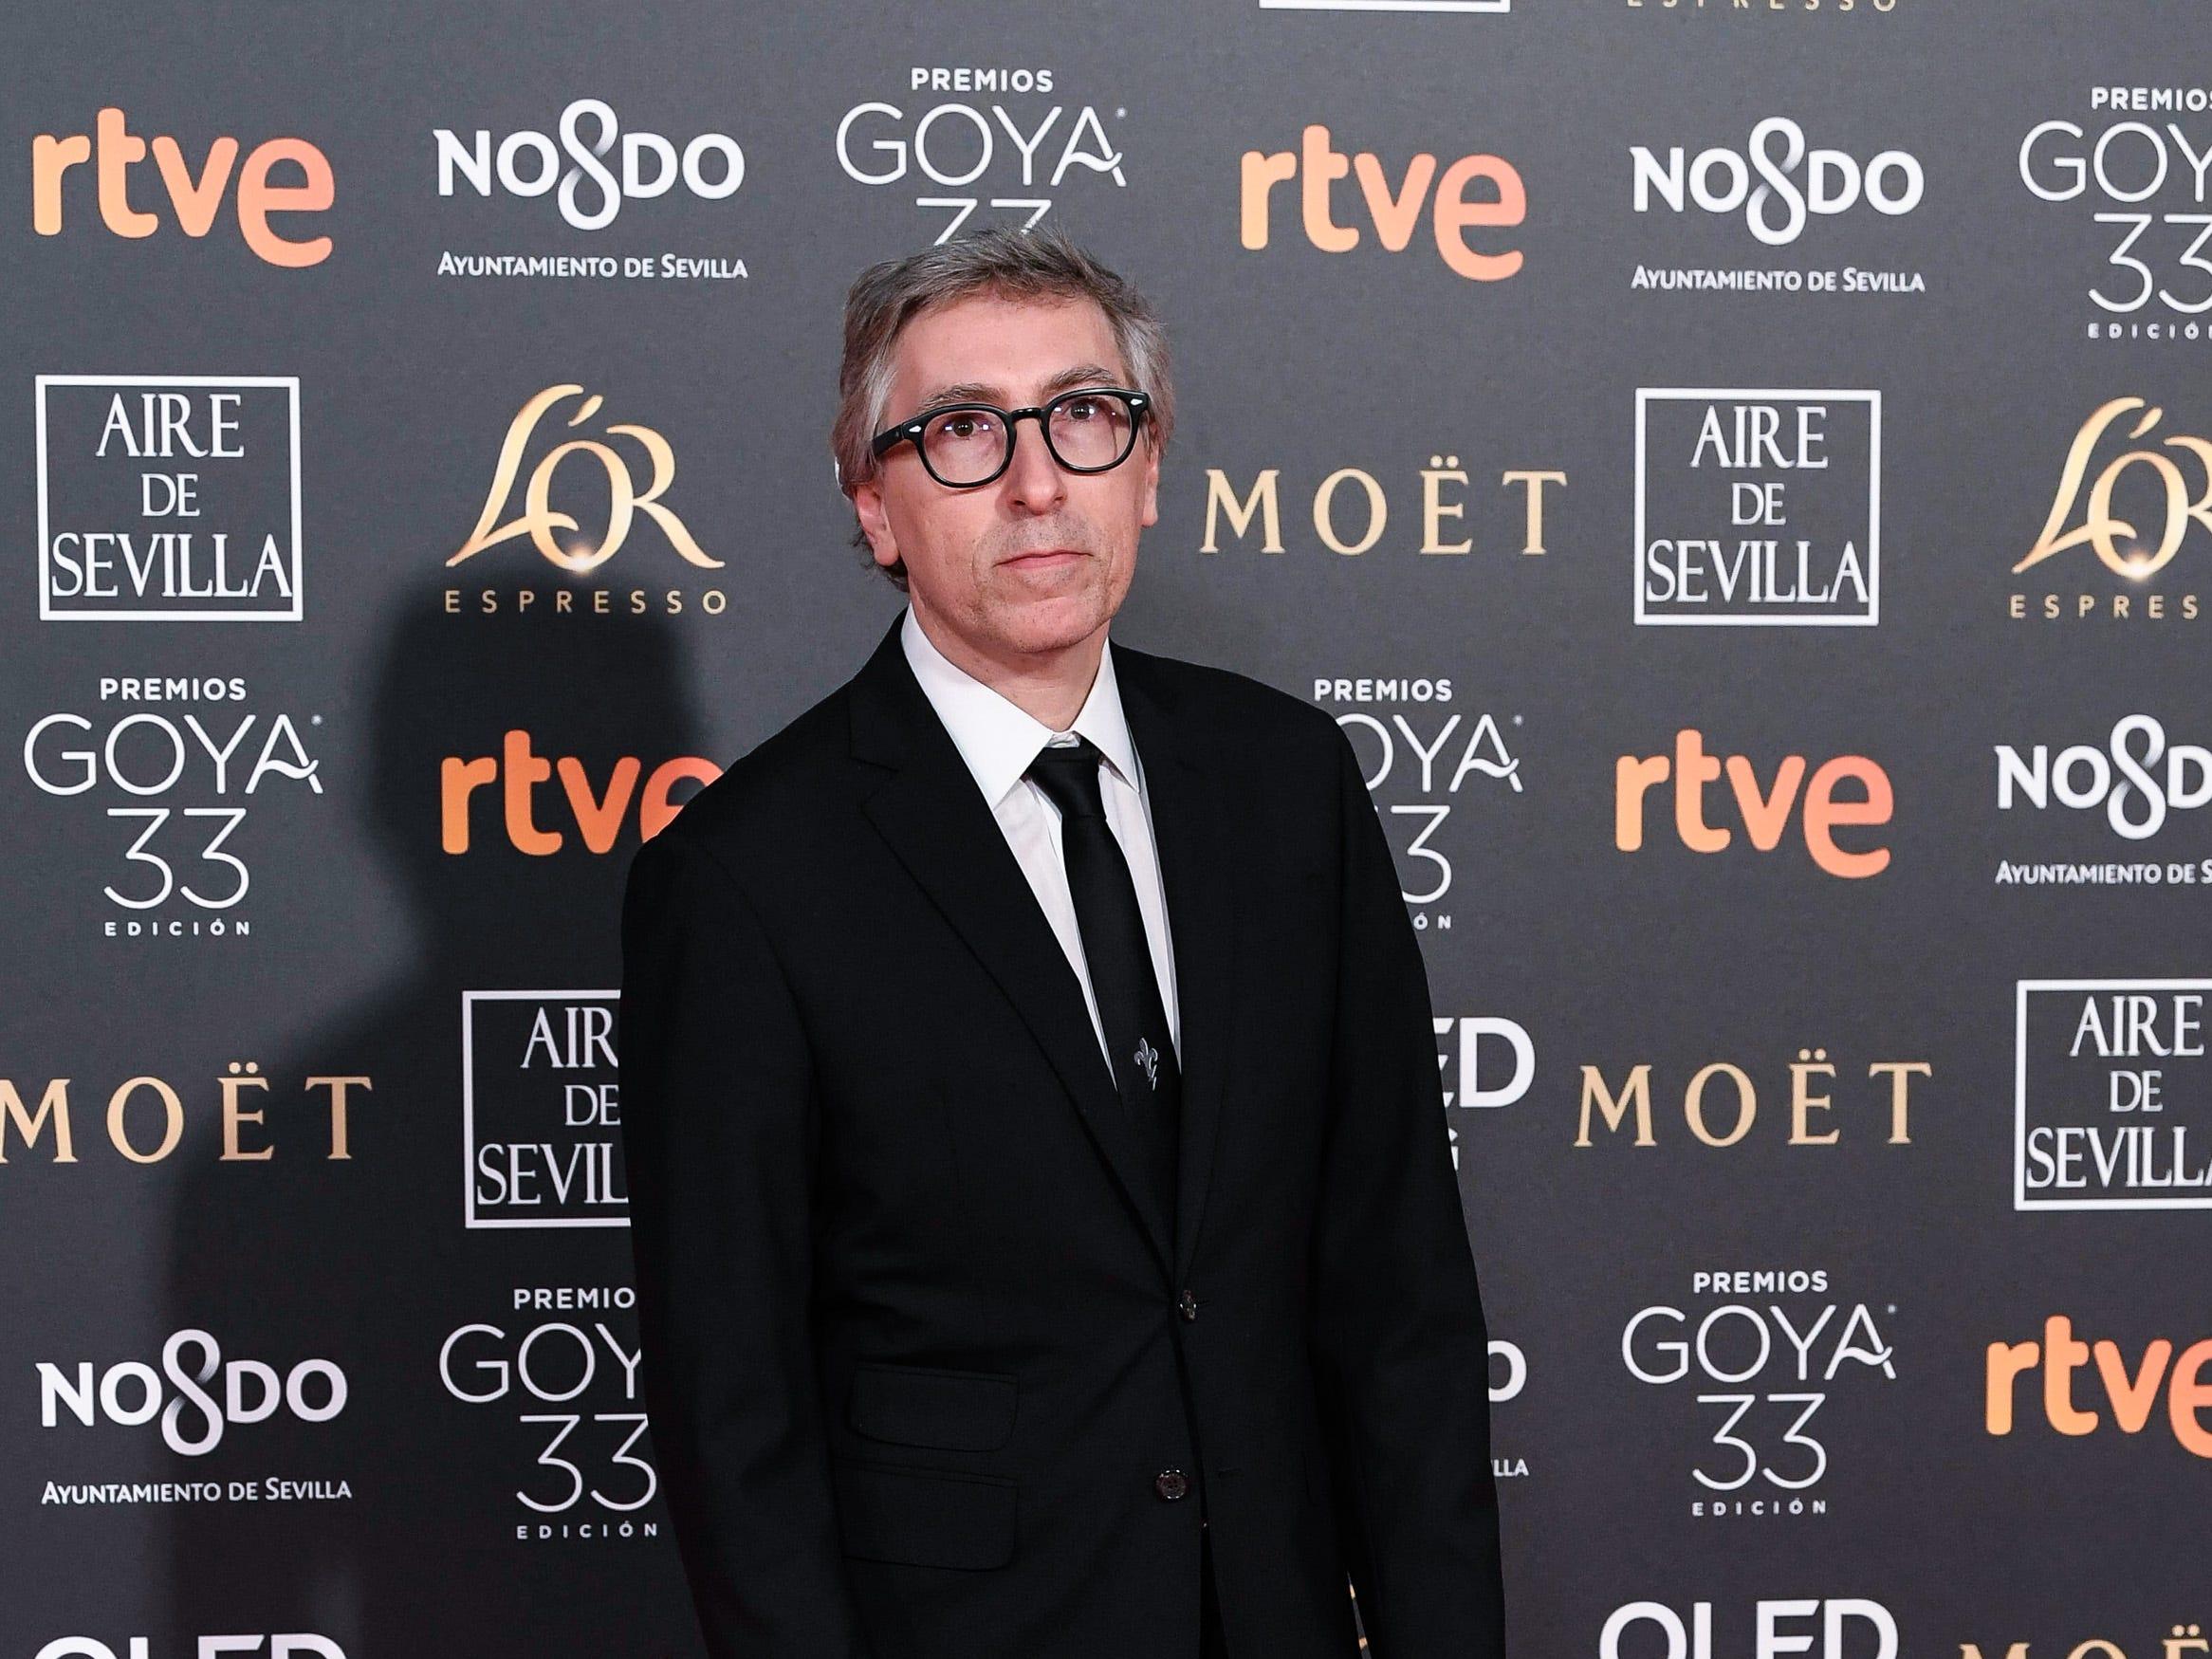 David Trueba asiste a la 33ª edición de los Premios de Cine Goya en el Palacio de Congresos y Exposiciones FIBES el 2 de febrero de 2019 en Sevilla, España.